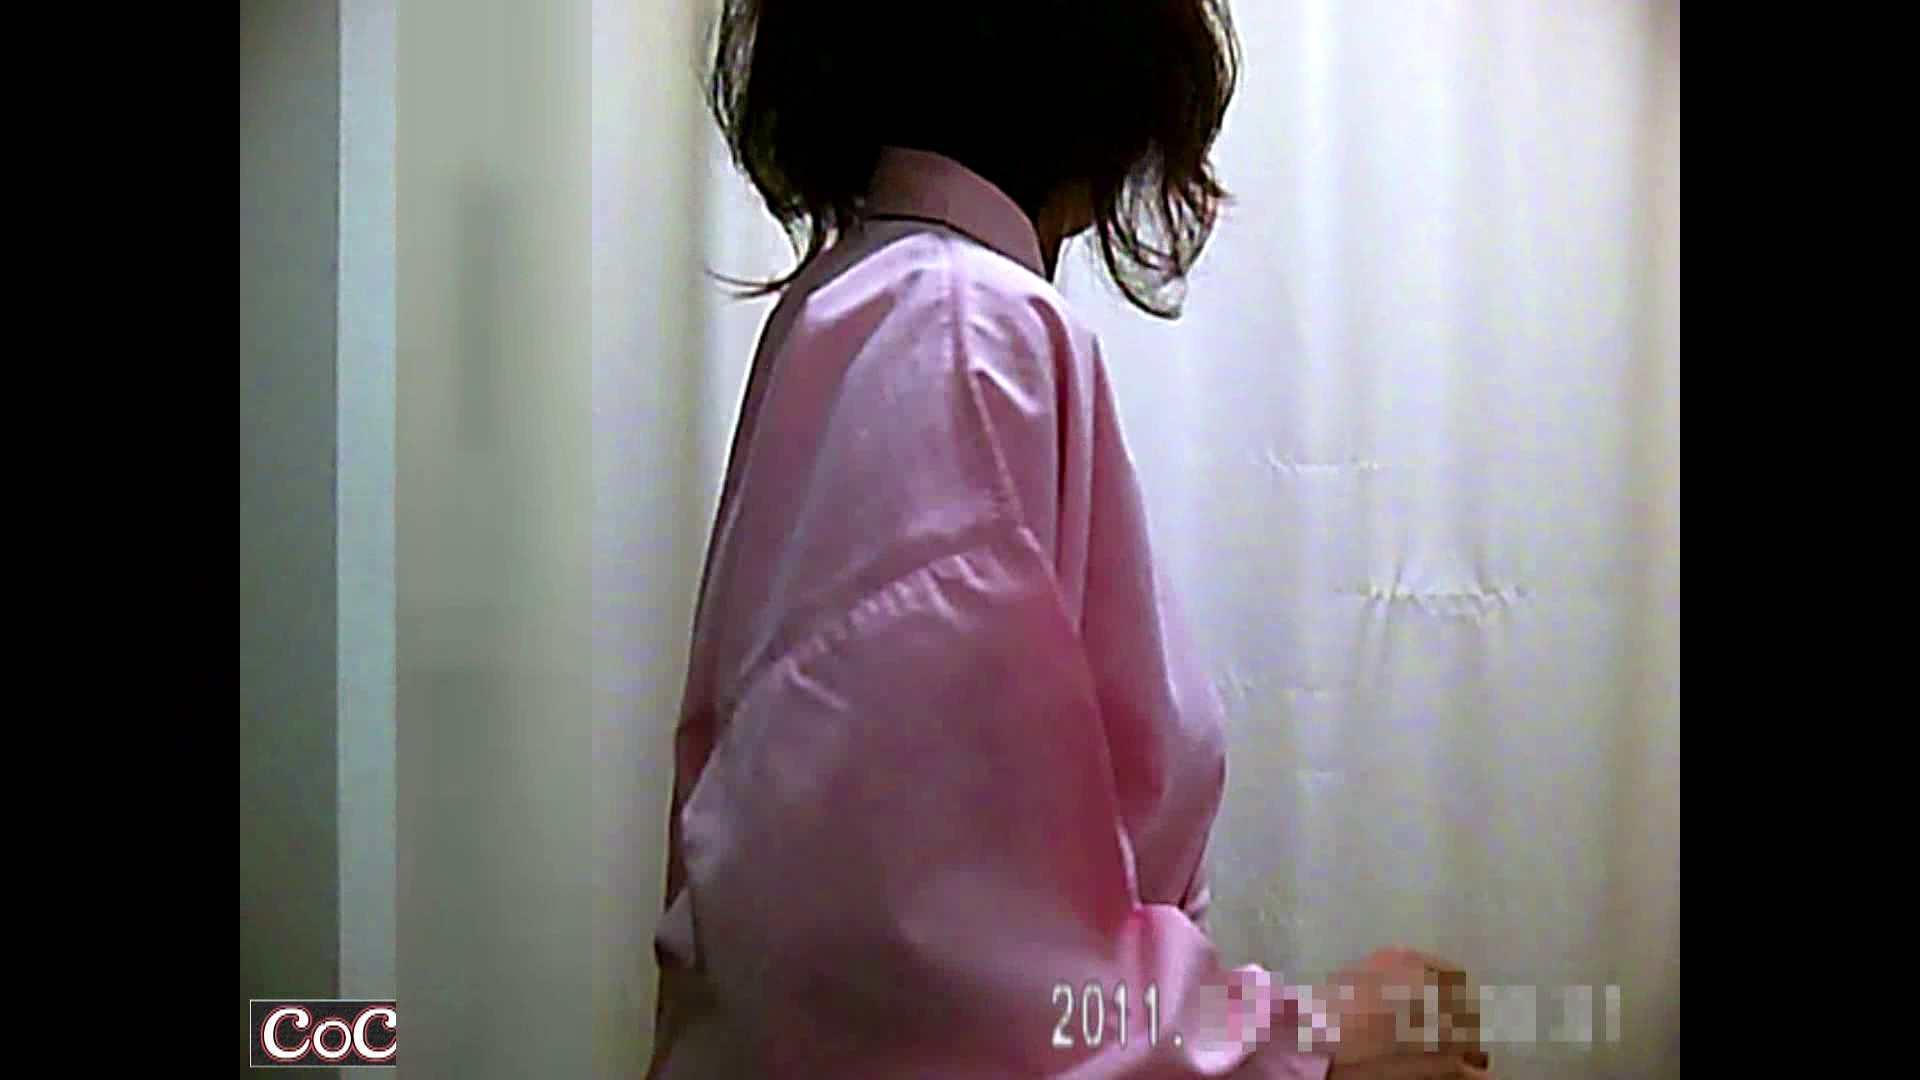 元医者による反抗 更衣室地獄絵巻 vol.290 OL女体 | 0  72連発 35